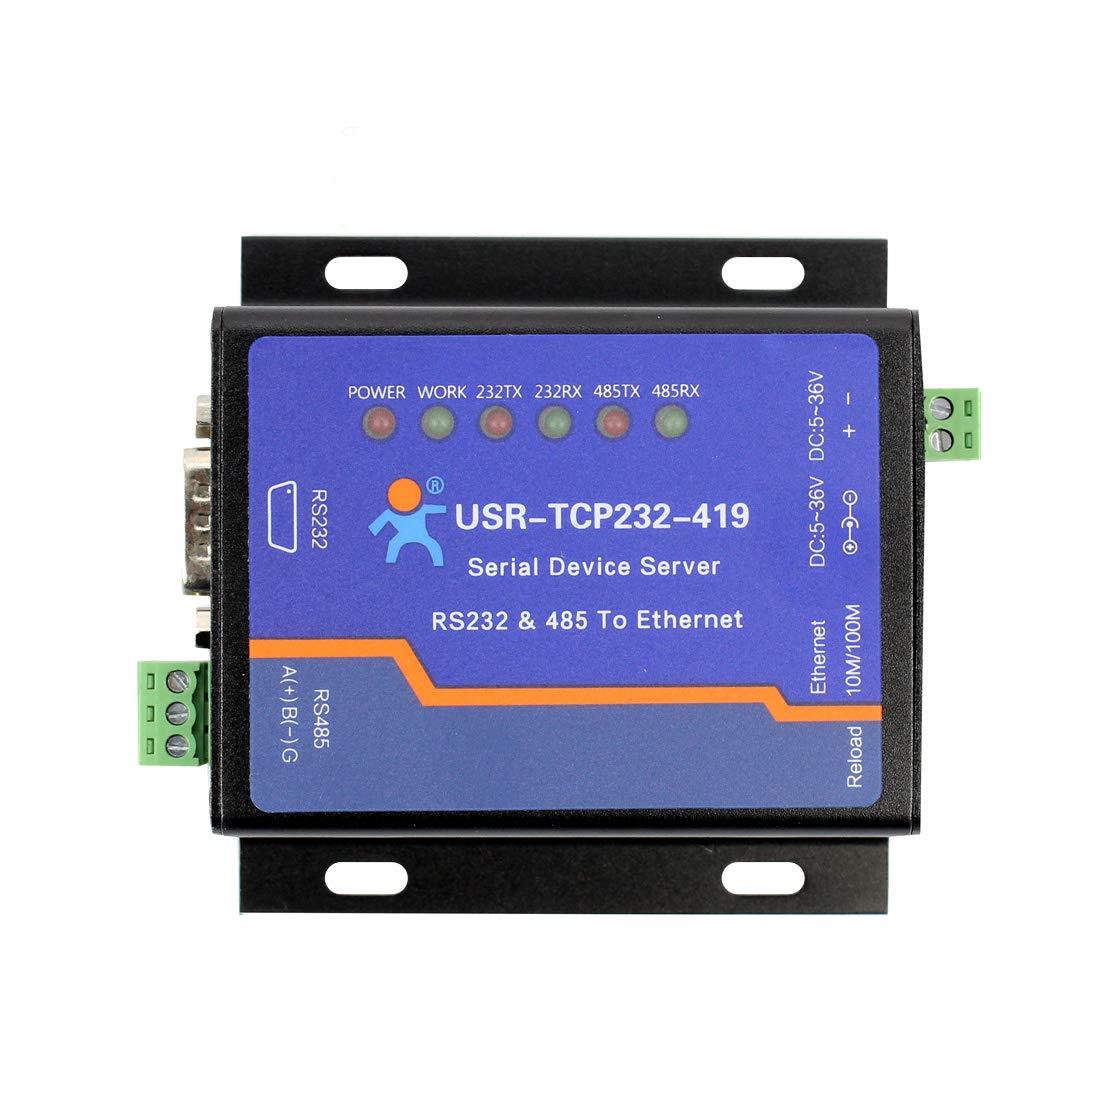 USR USR-TCP232-419 Serial Device Server RS232 RS485 to Ethernet Converter Support DTR/DSR Flow Control by USR